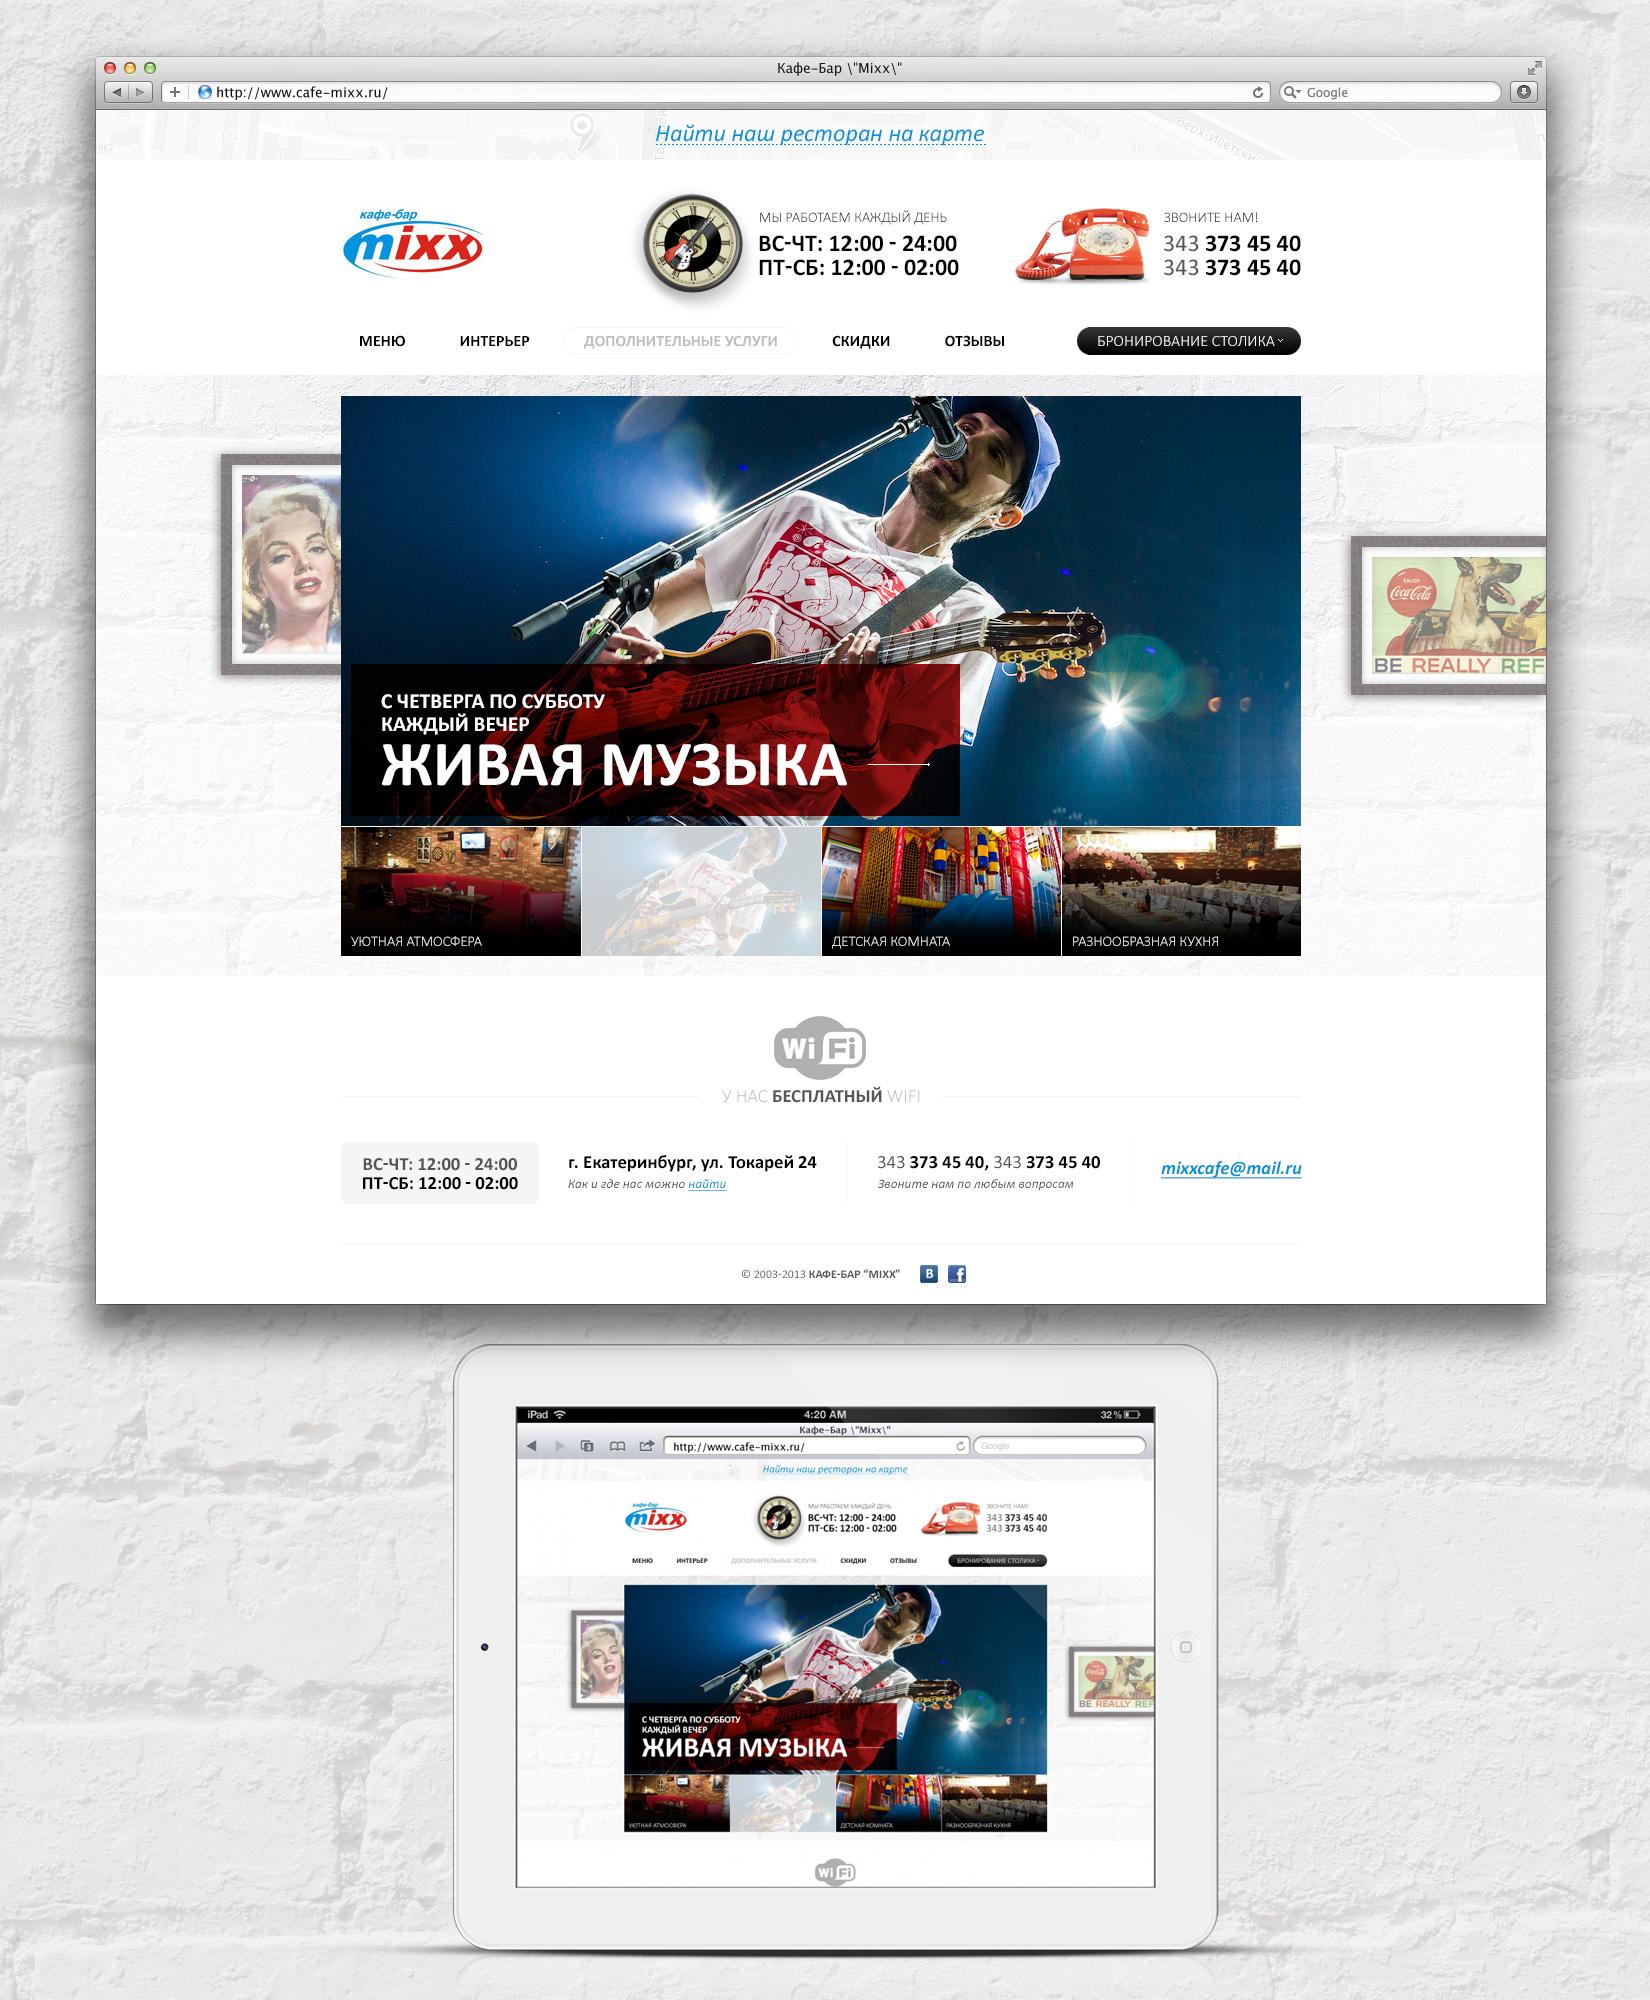 Дизайн сайта Кафе бар Mixx